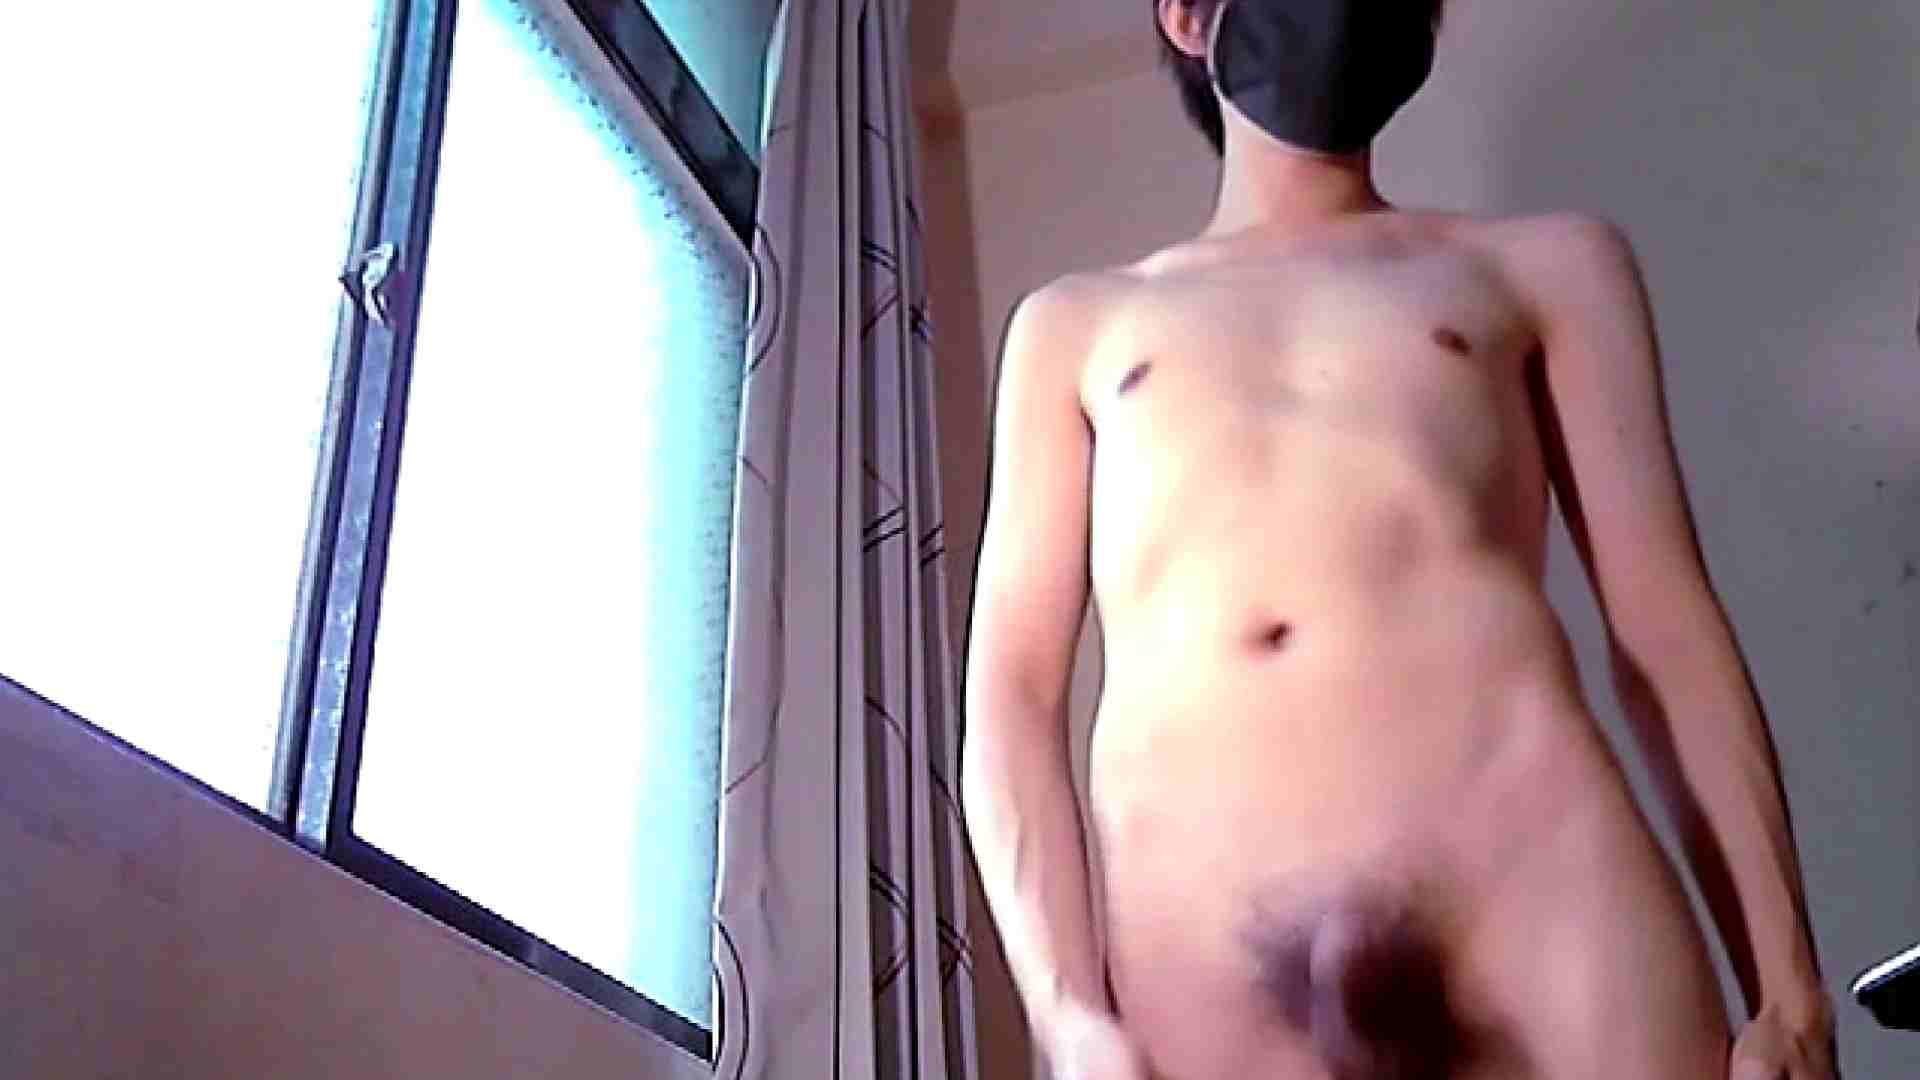 ぎゃんかわ男子のはれんちオナニー  vol.05 オナニー | 男どうし アダルトビデオ画像キャプチャ 110pic 4